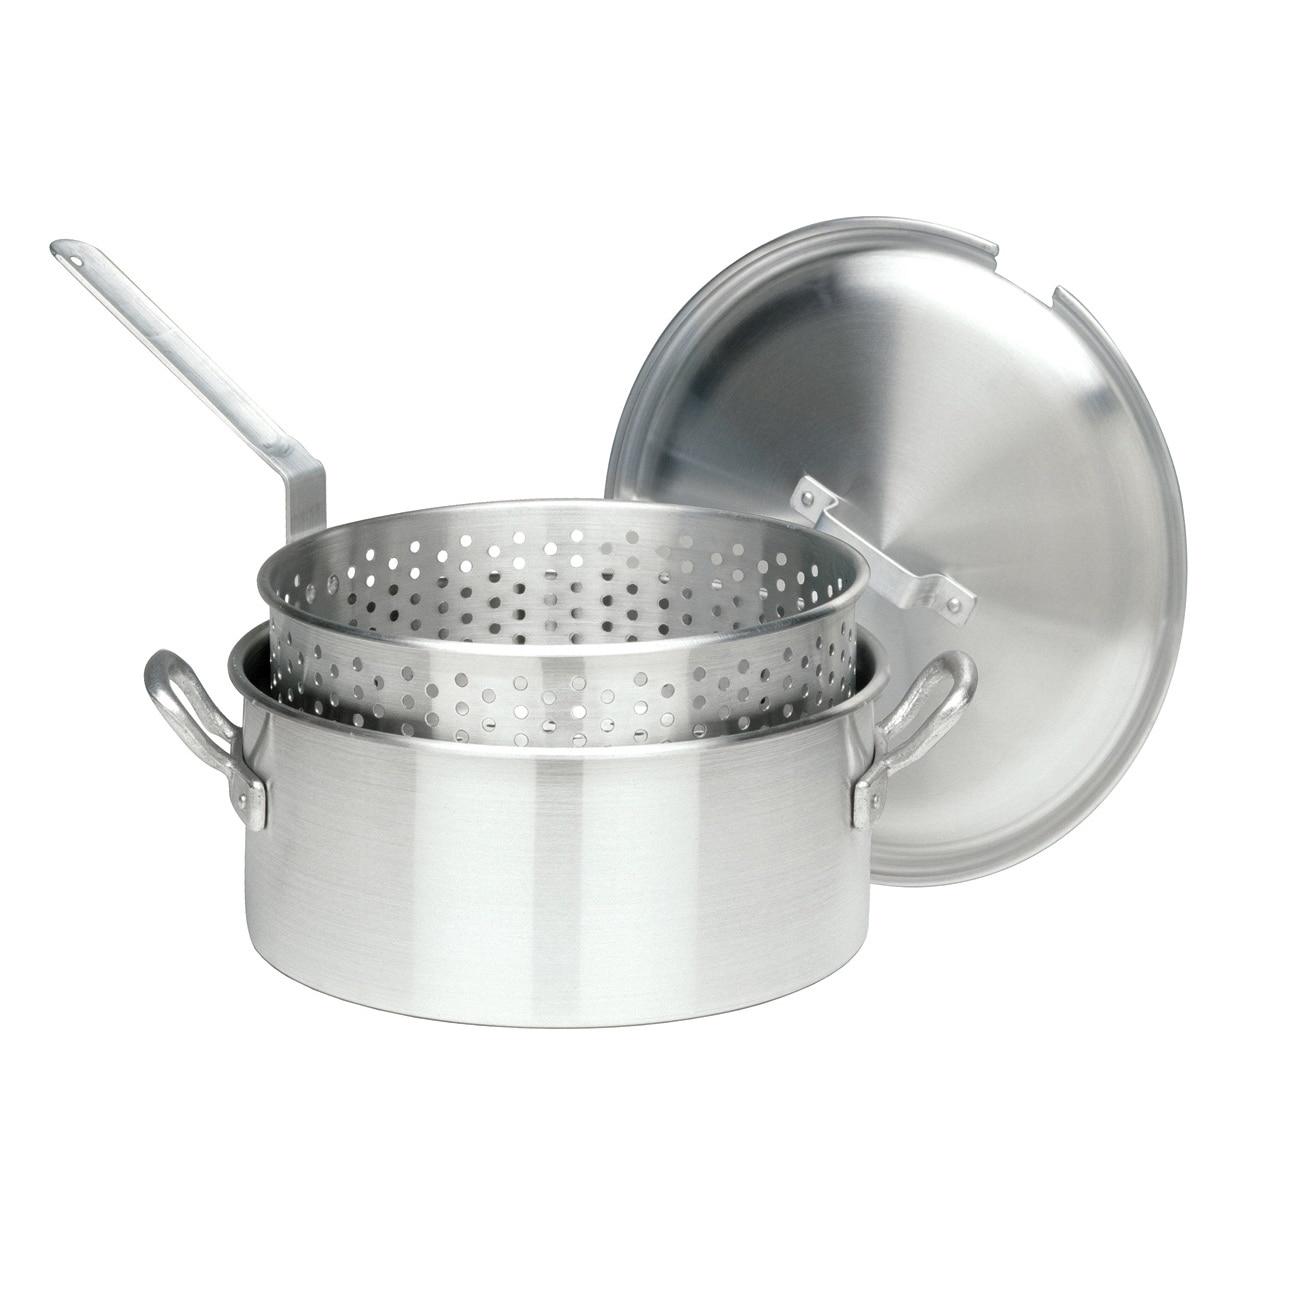 Bayou 14-quart Aluminum (Silver) Deep Fryer